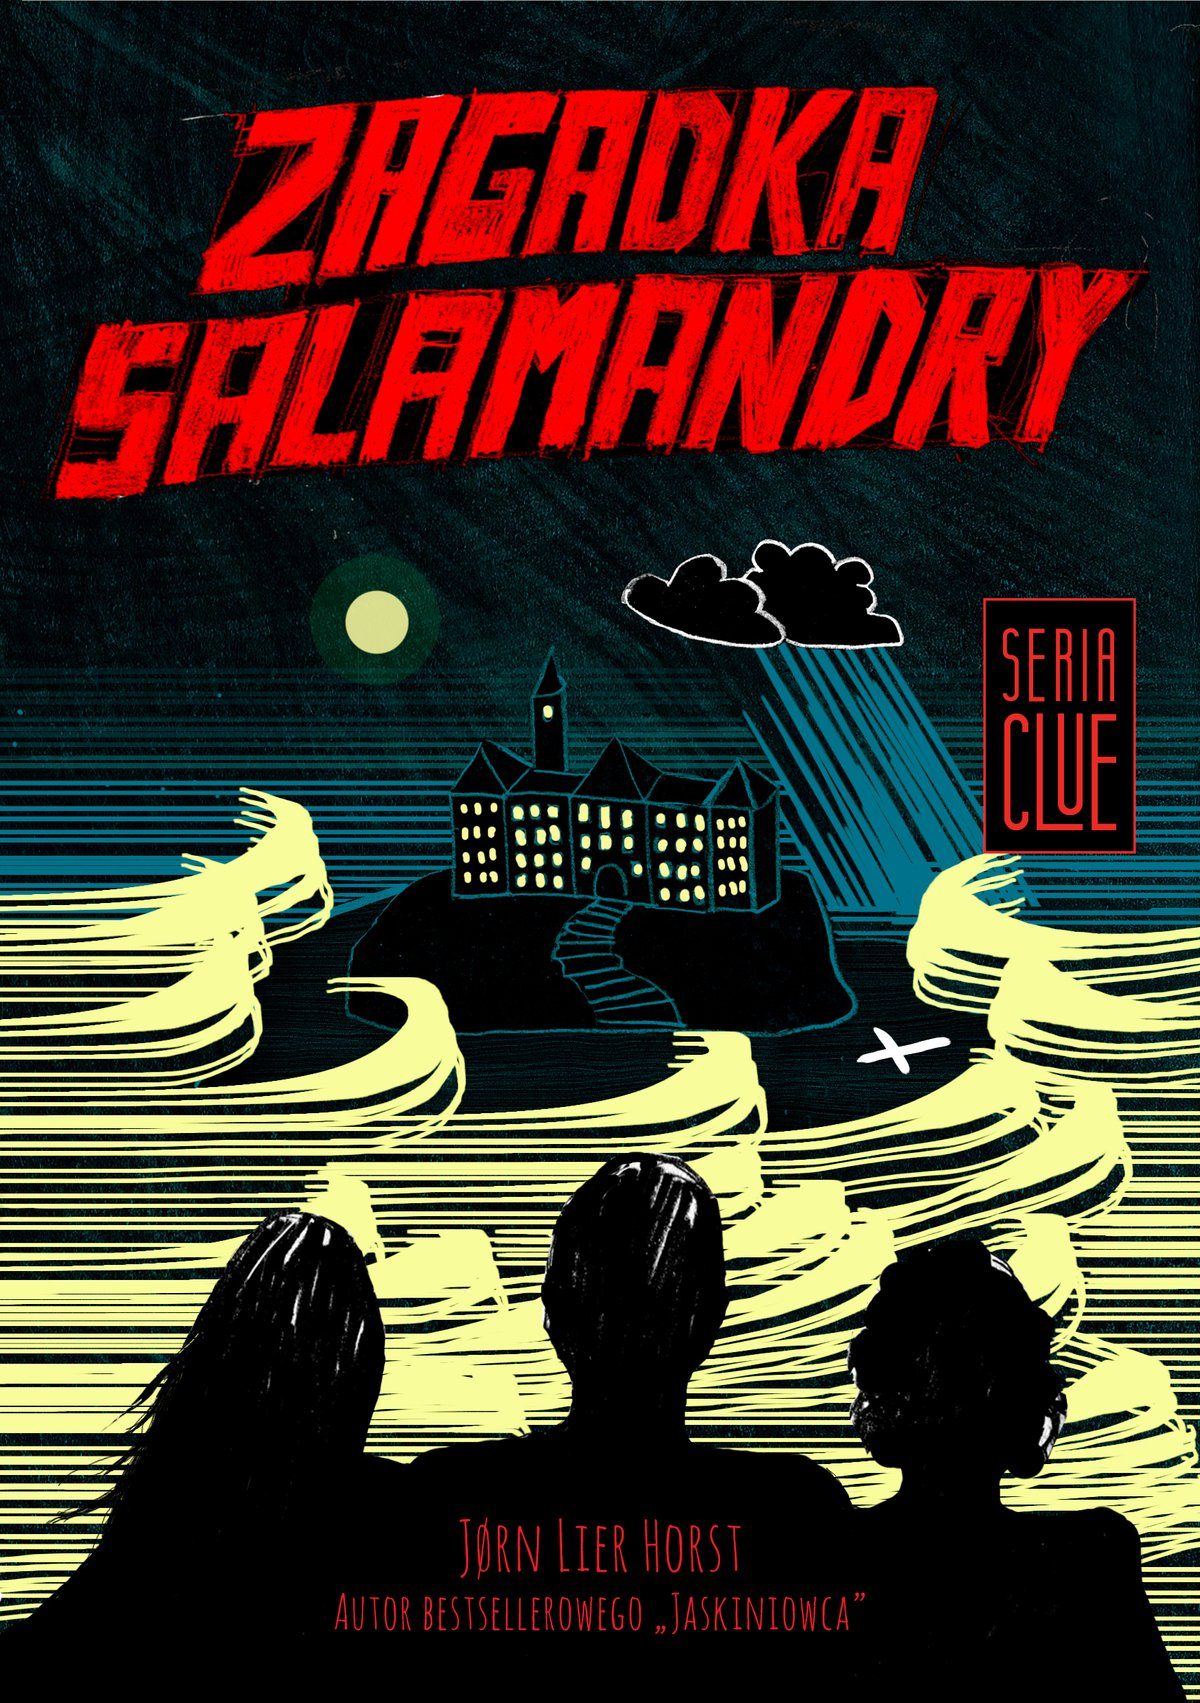 Zagadka salamandry - Ebook (Książka na Kindle) do pobrania w formacie MOBI